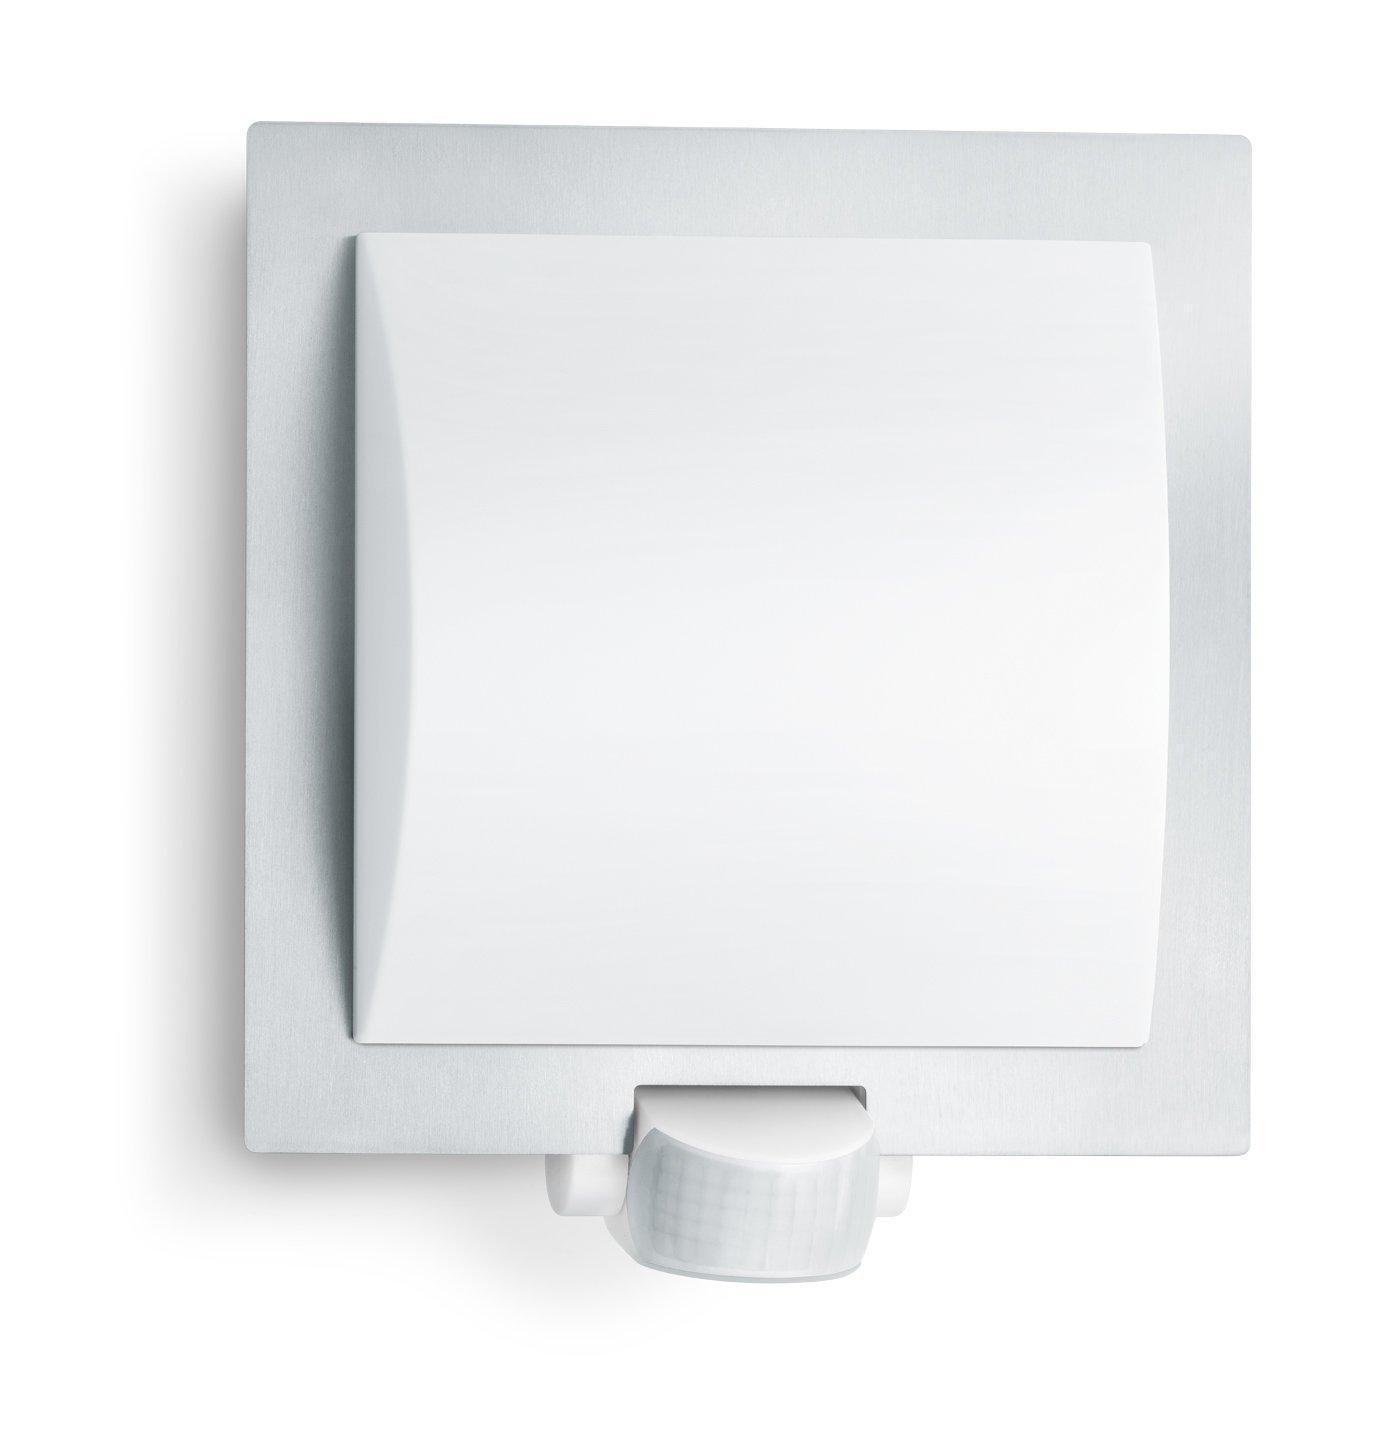 applique d 39 exterieur a detecteur steinel l 746 s. Black Bedroom Furniture Sets. Home Design Ideas